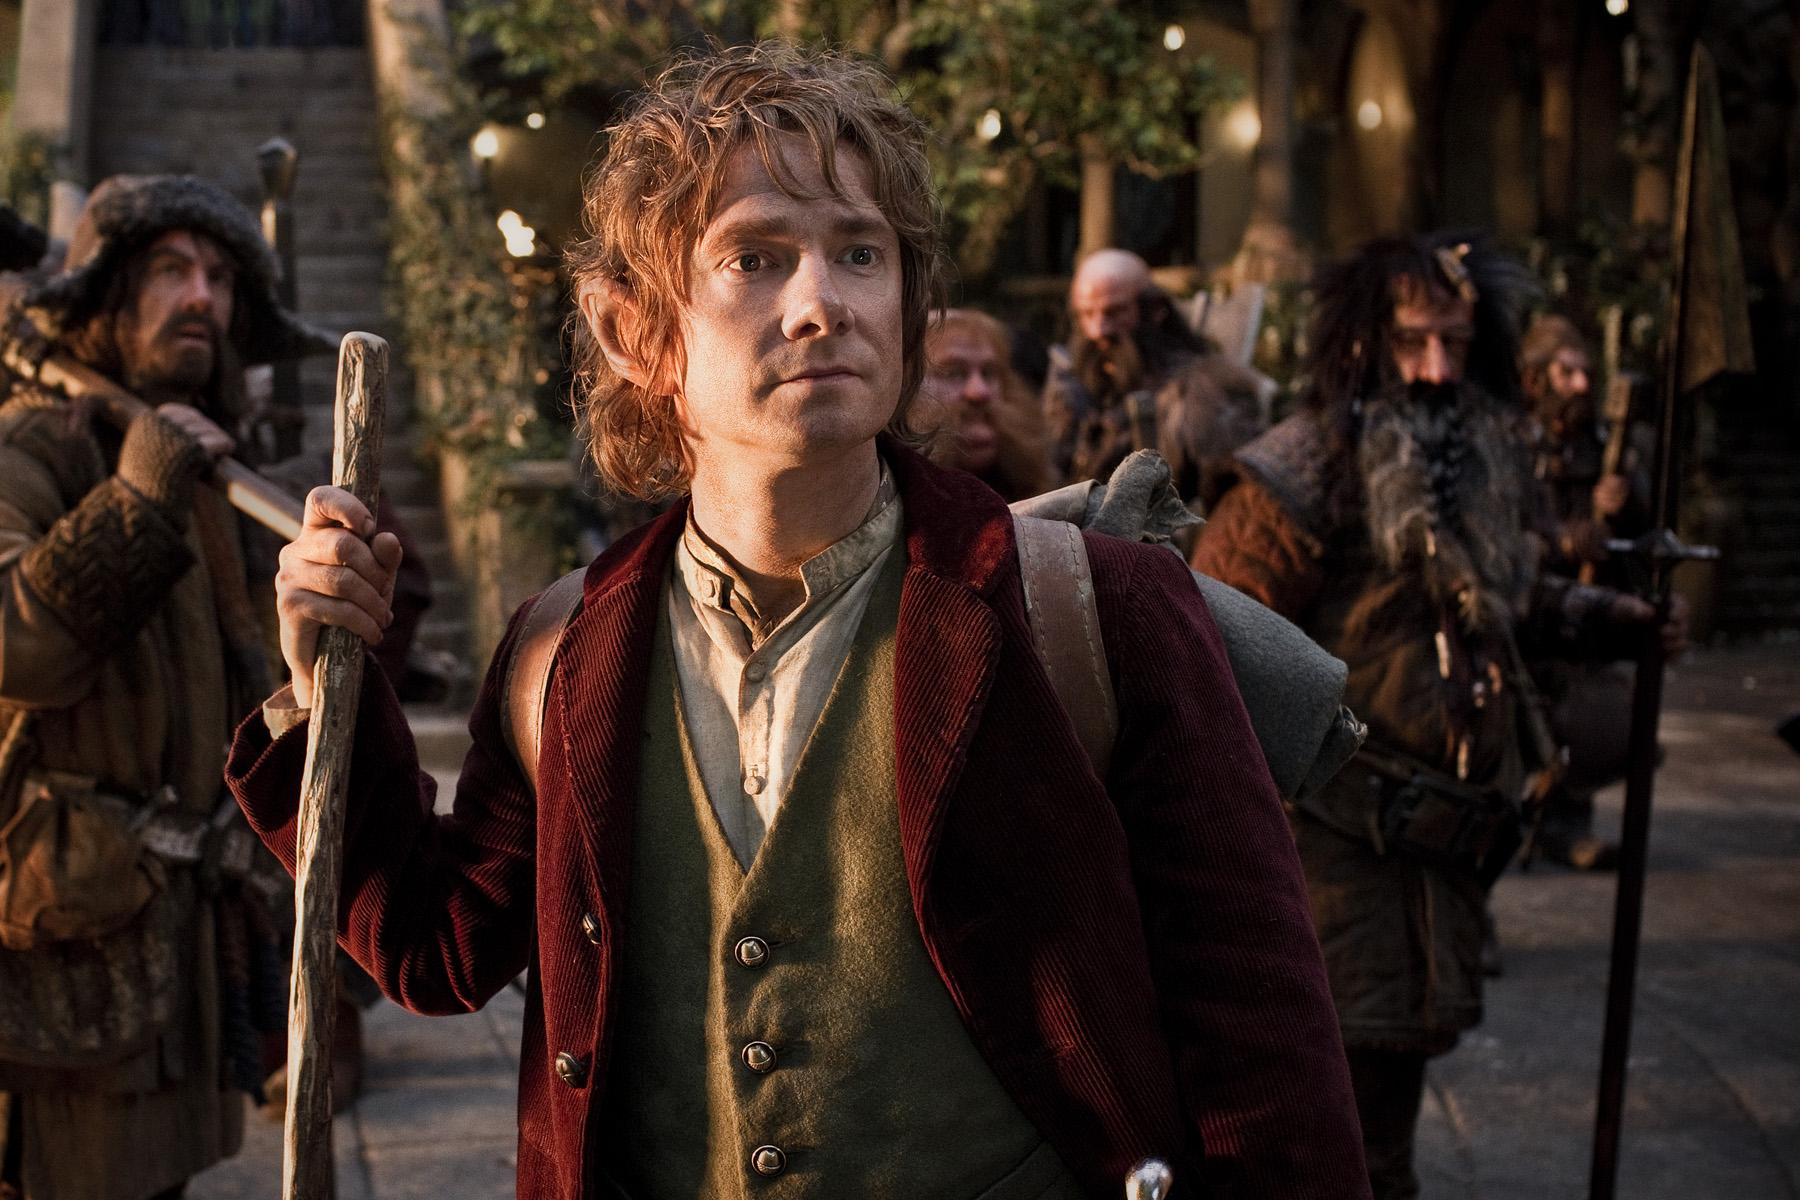 Der Hobbit Alle Teile Kino